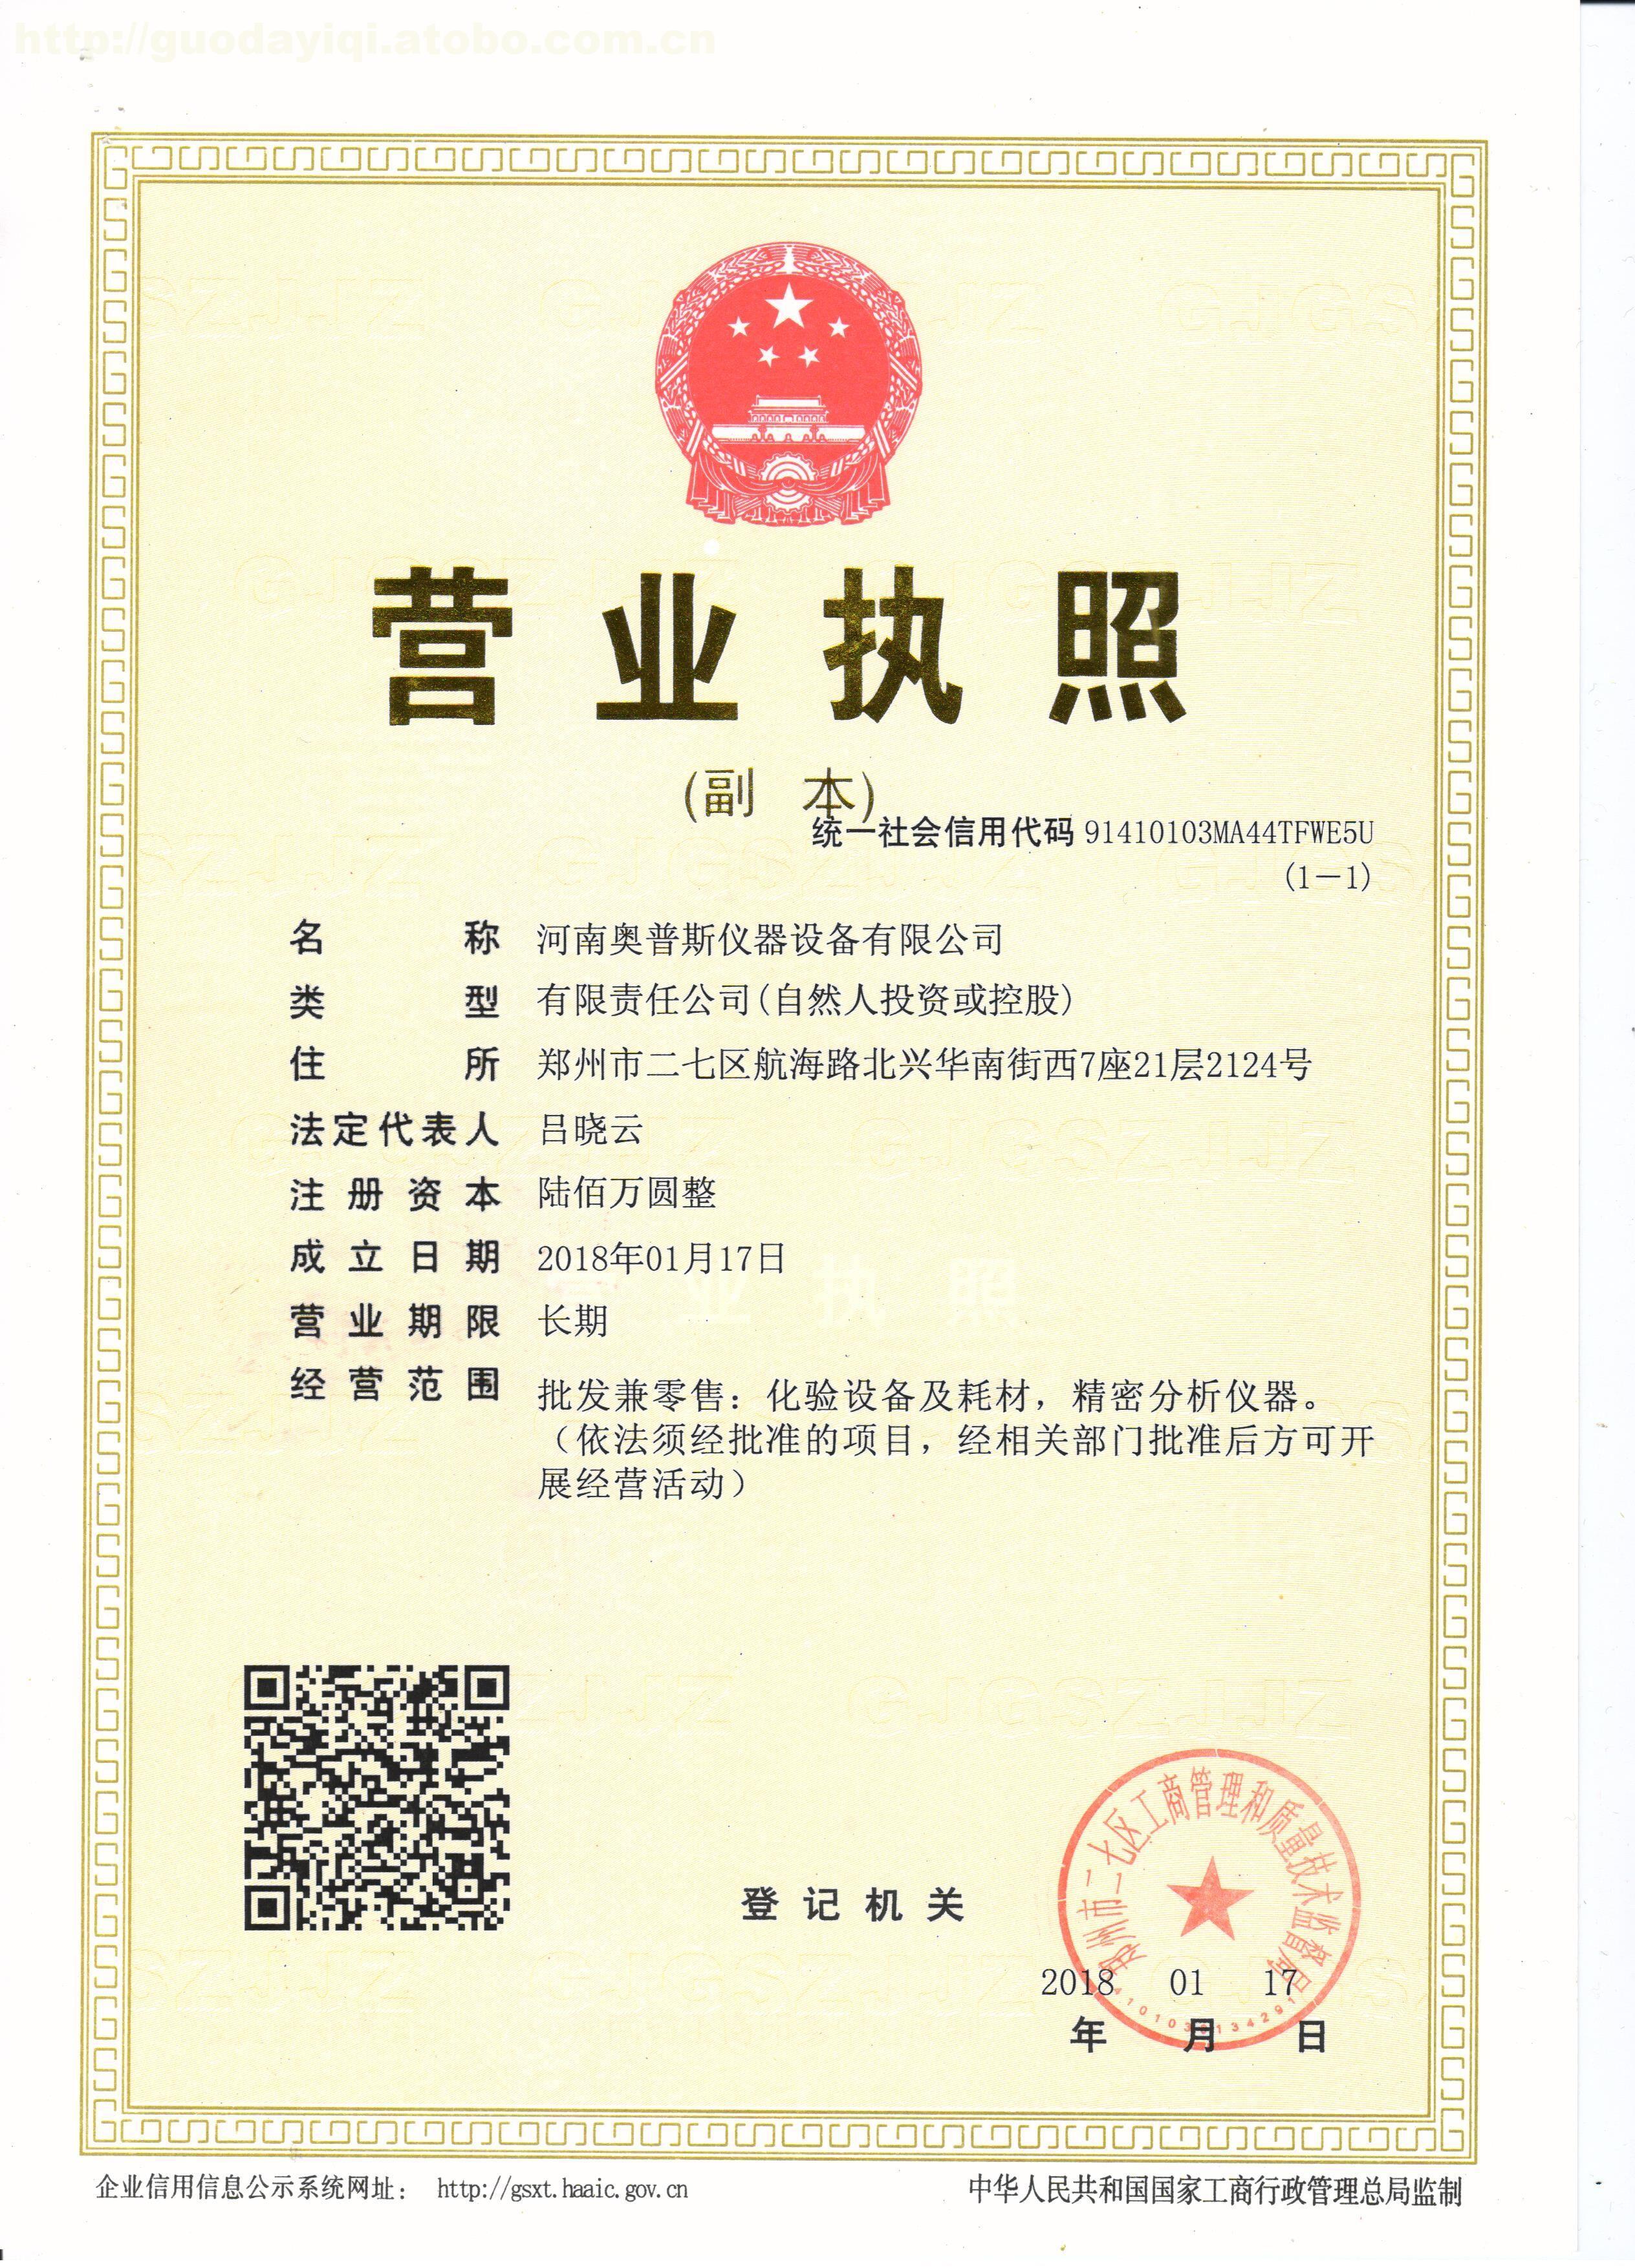 营业许可证_郑州市国达仪器设备防雾霾设备自制图片